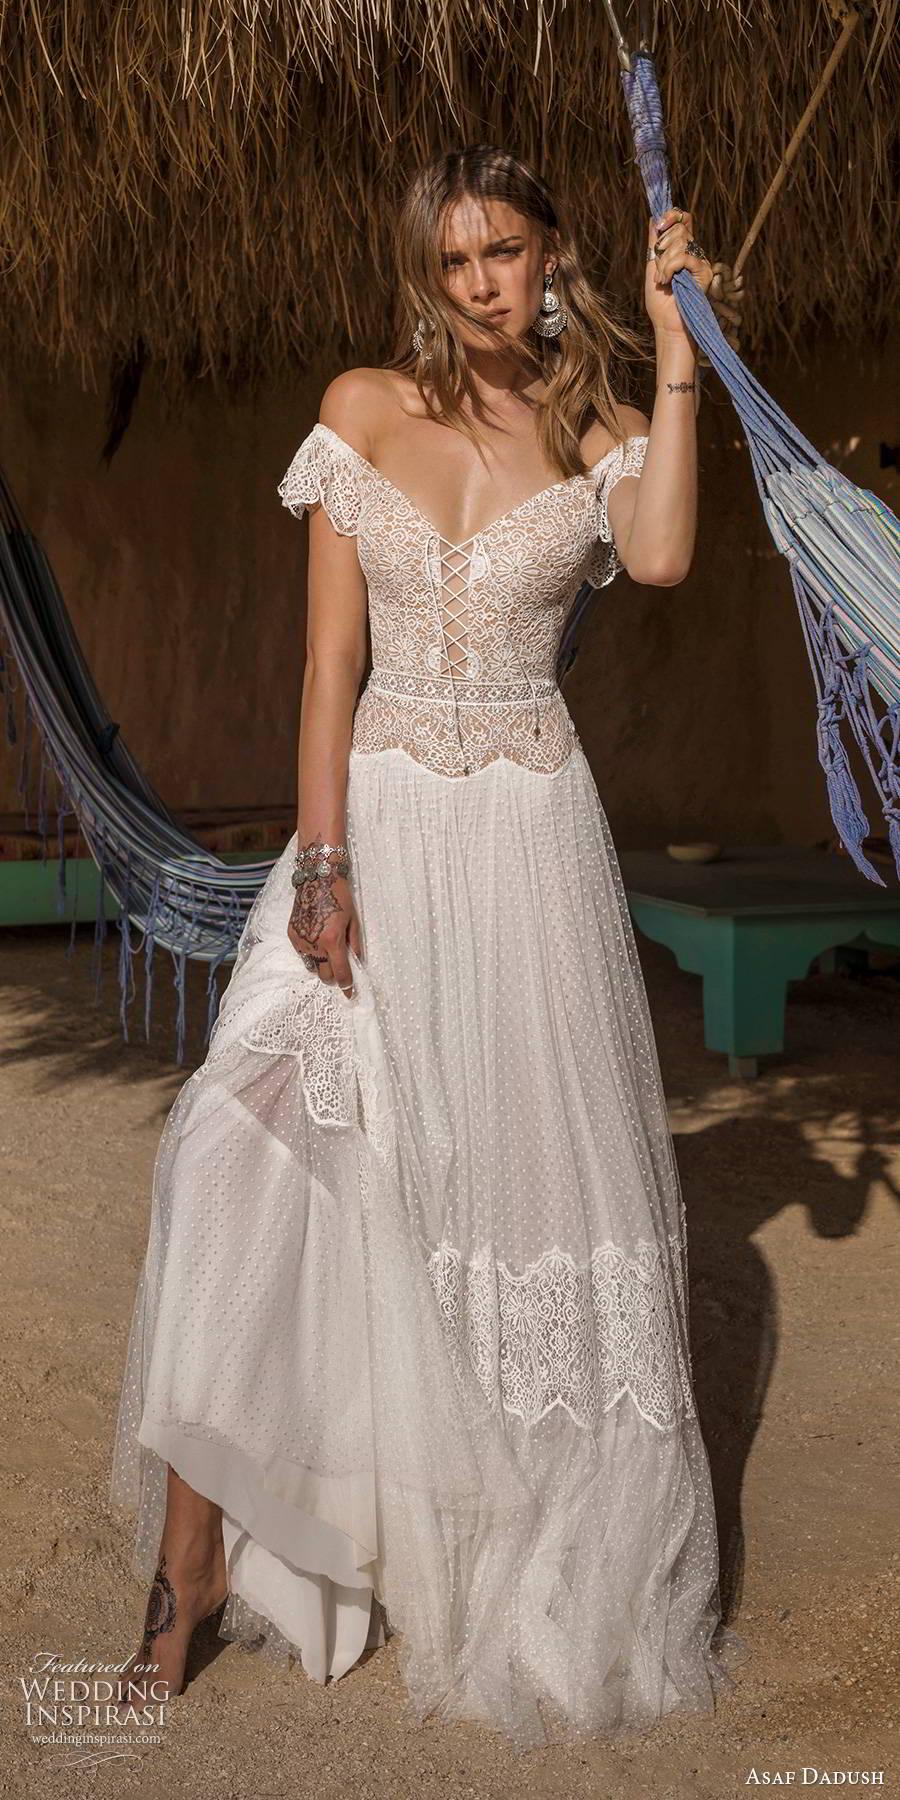 asaf dadush 2019 bridal flutter sleeves off shoulder v neckline embellished bodice romantic boho a line wedding dress (11) mv